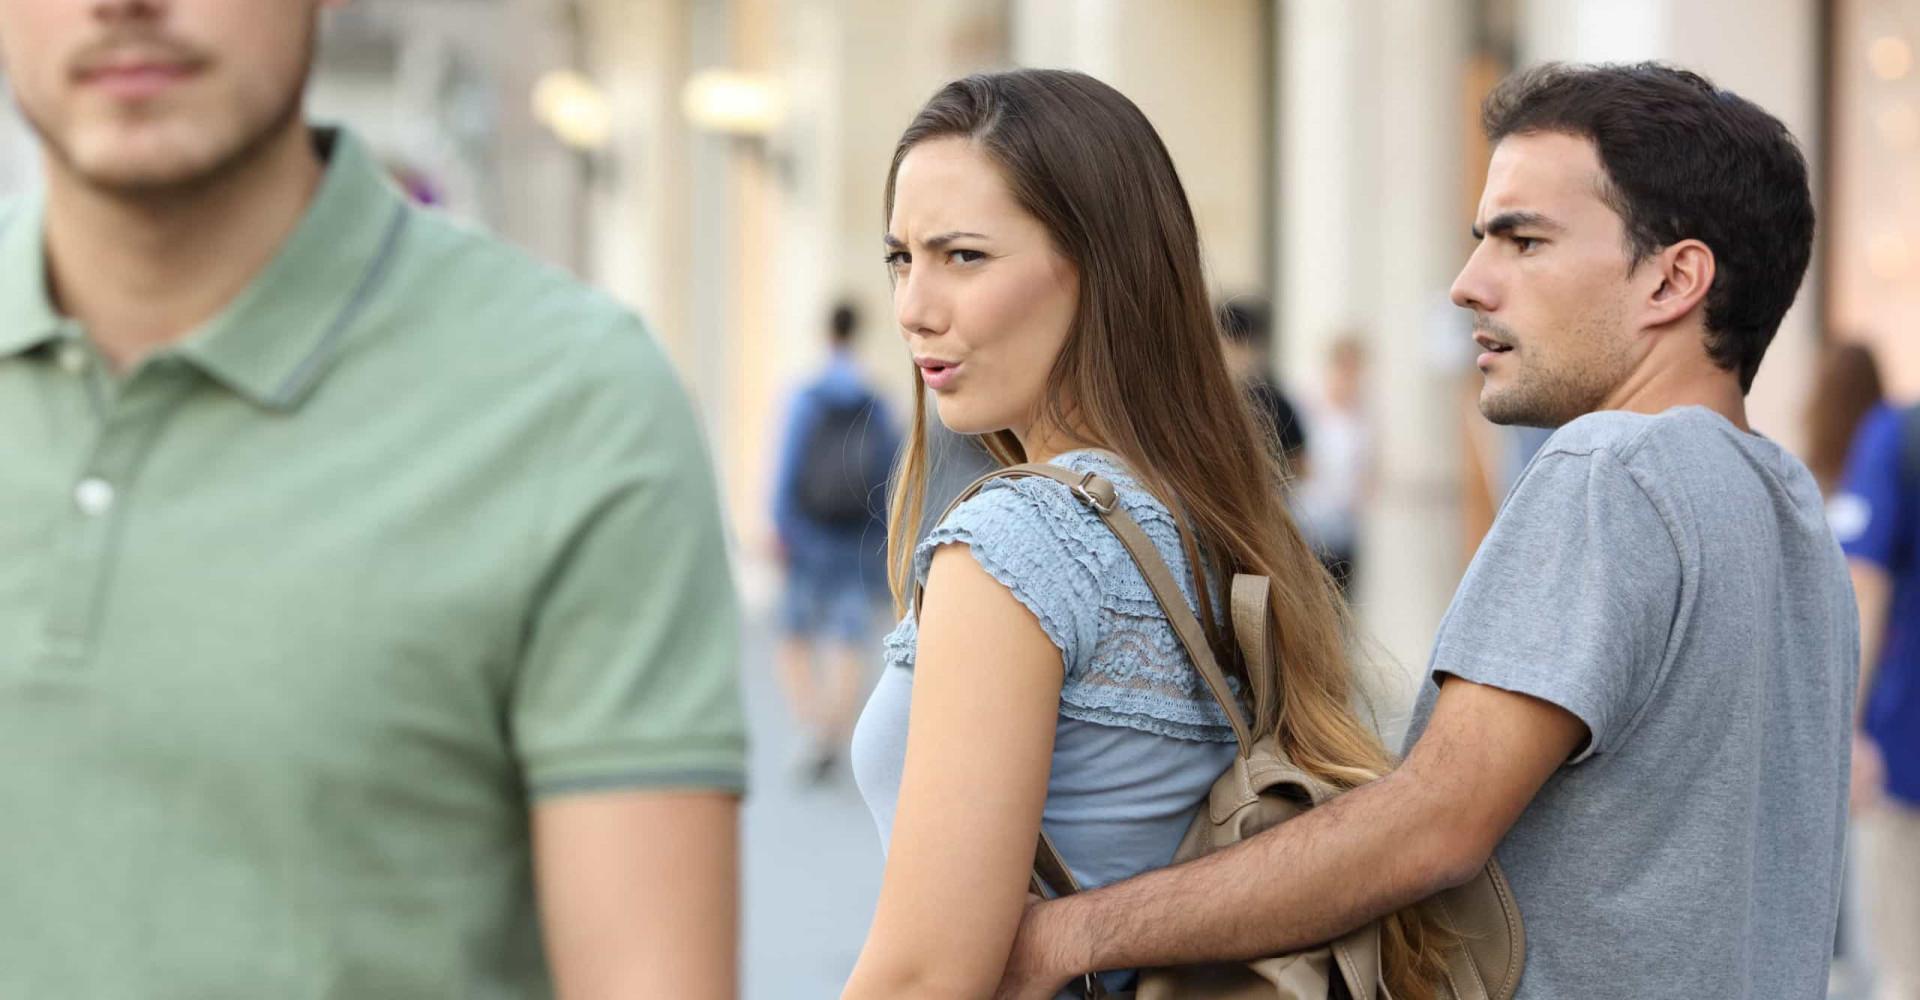 Heb je last van jaloezie of afgunst?